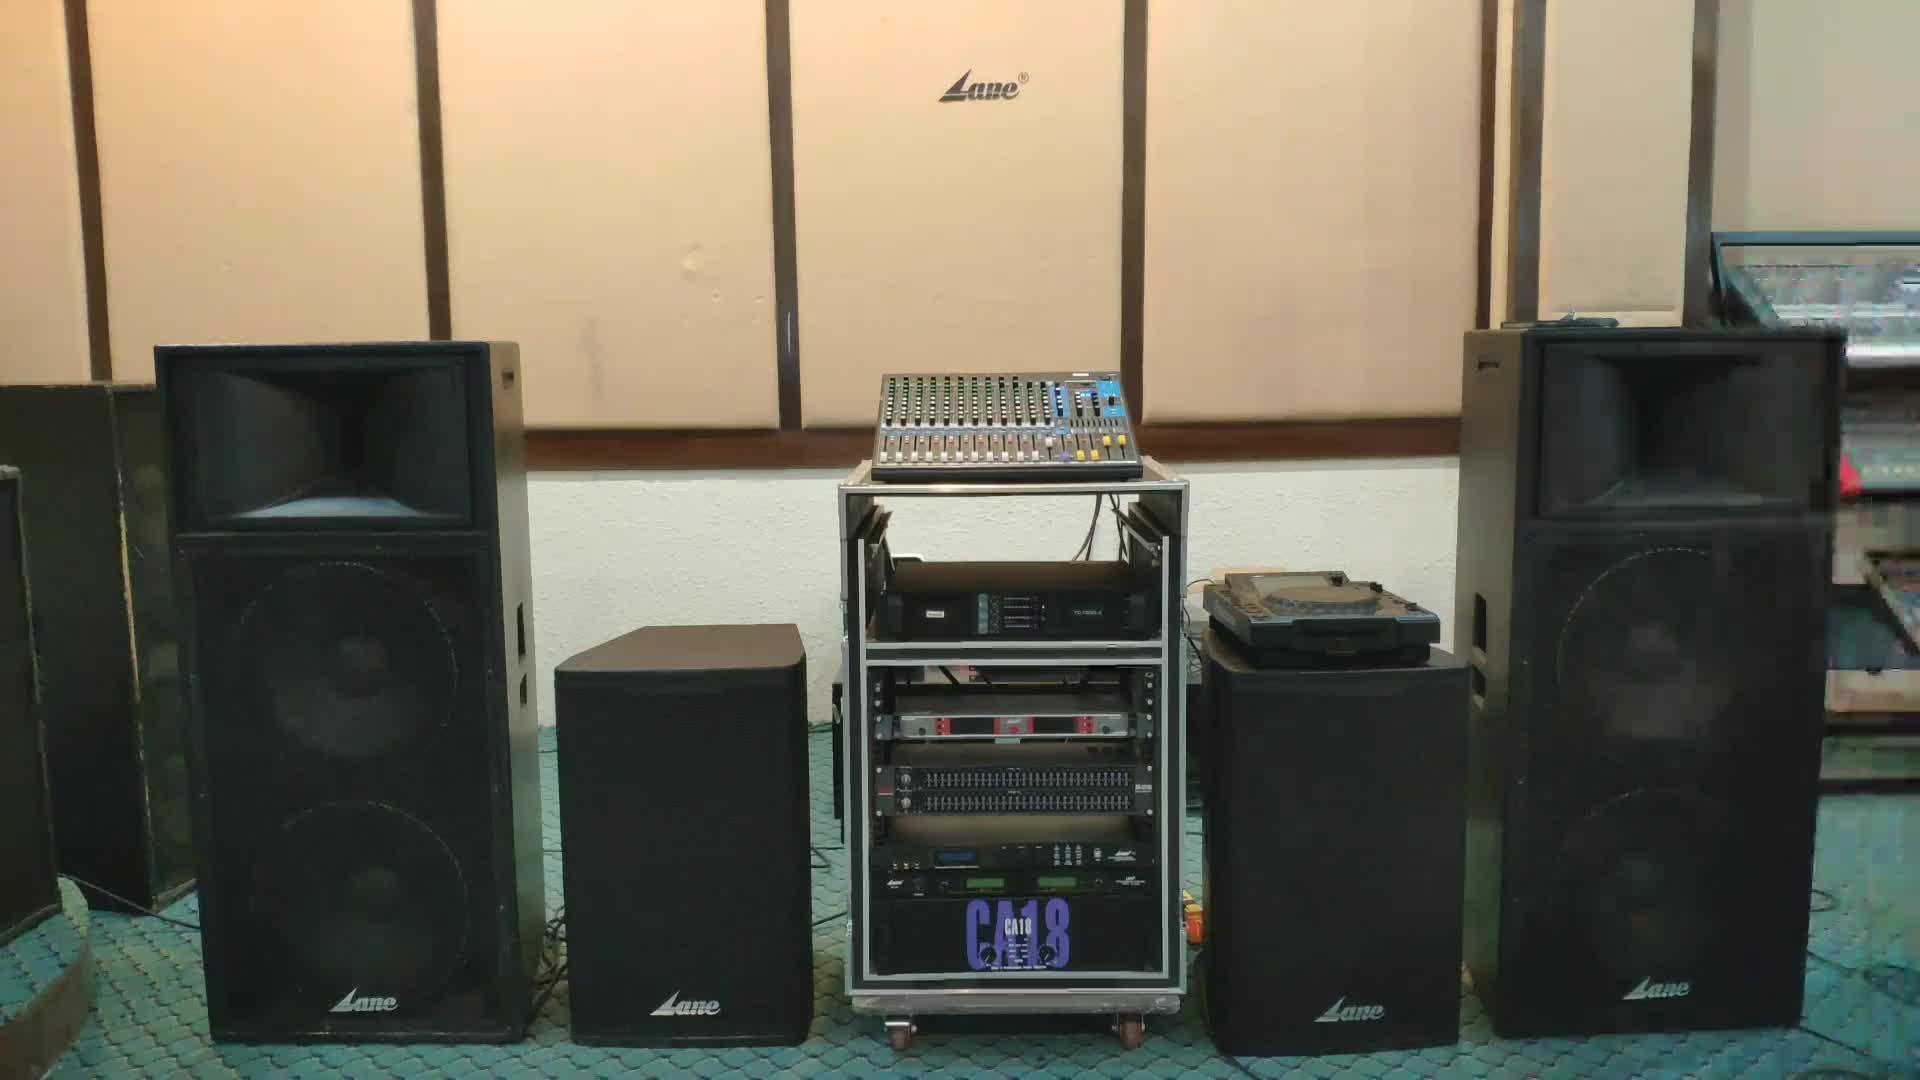 Di Vendita caldo 4 Canali Digitale 10000 watt Amplificatore di Potenza 5000 Watt nfc